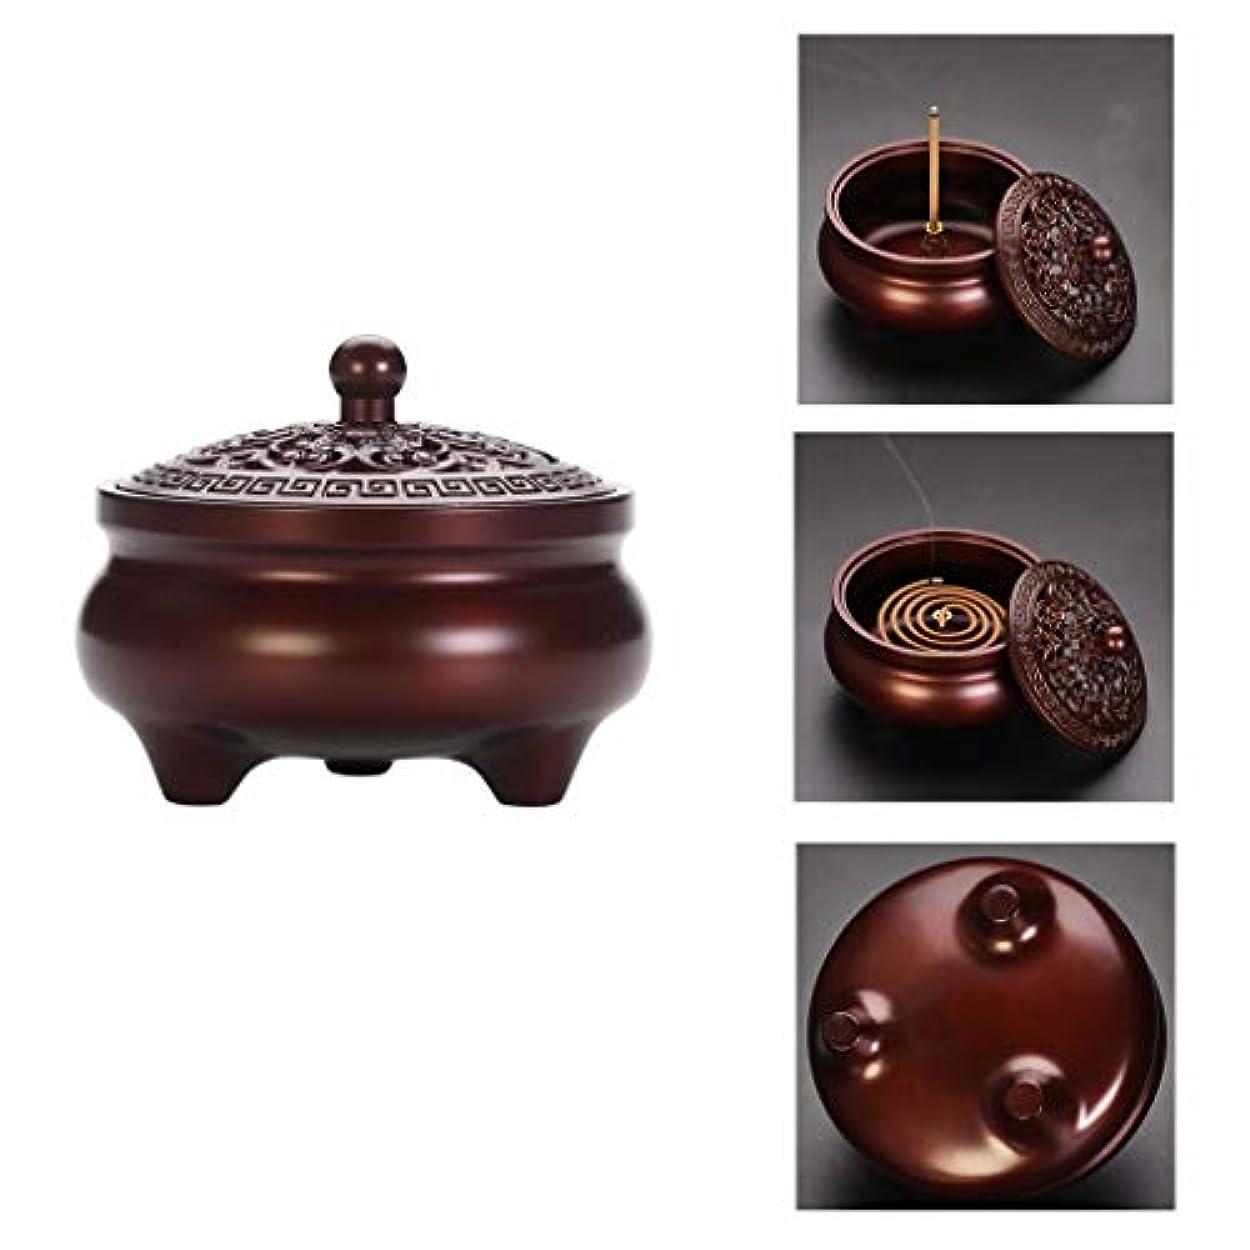 スケッチ思慮のないボイラーホームアロマバーナー 純銅製メカニズム香炉シンプルでエレガントな香炉内三脚アロマセラピー炉 アロマバーナー (Color : Purple Lotus)